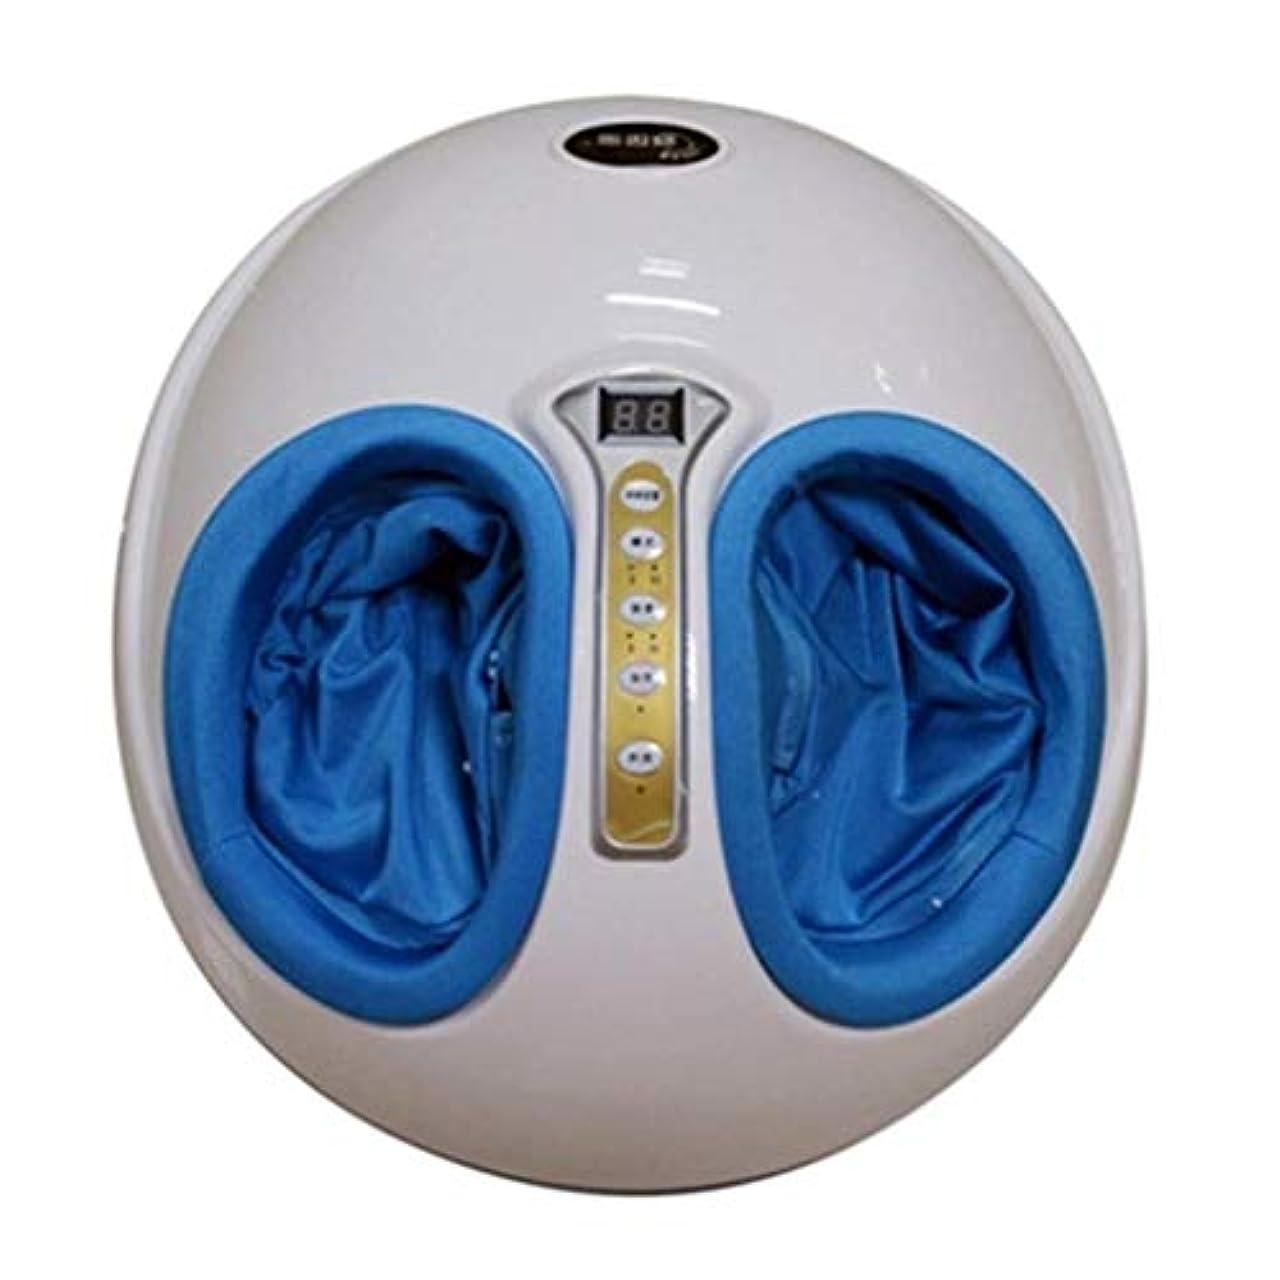 杭ピンク時計回りフットマッサージャー、電動マッサージャー、3D指圧Pressureみマッサージ/加熱、赤外線フットケアマシン、減圧とリラクゼーション療法、痛みを和らげ、血液循環を促進